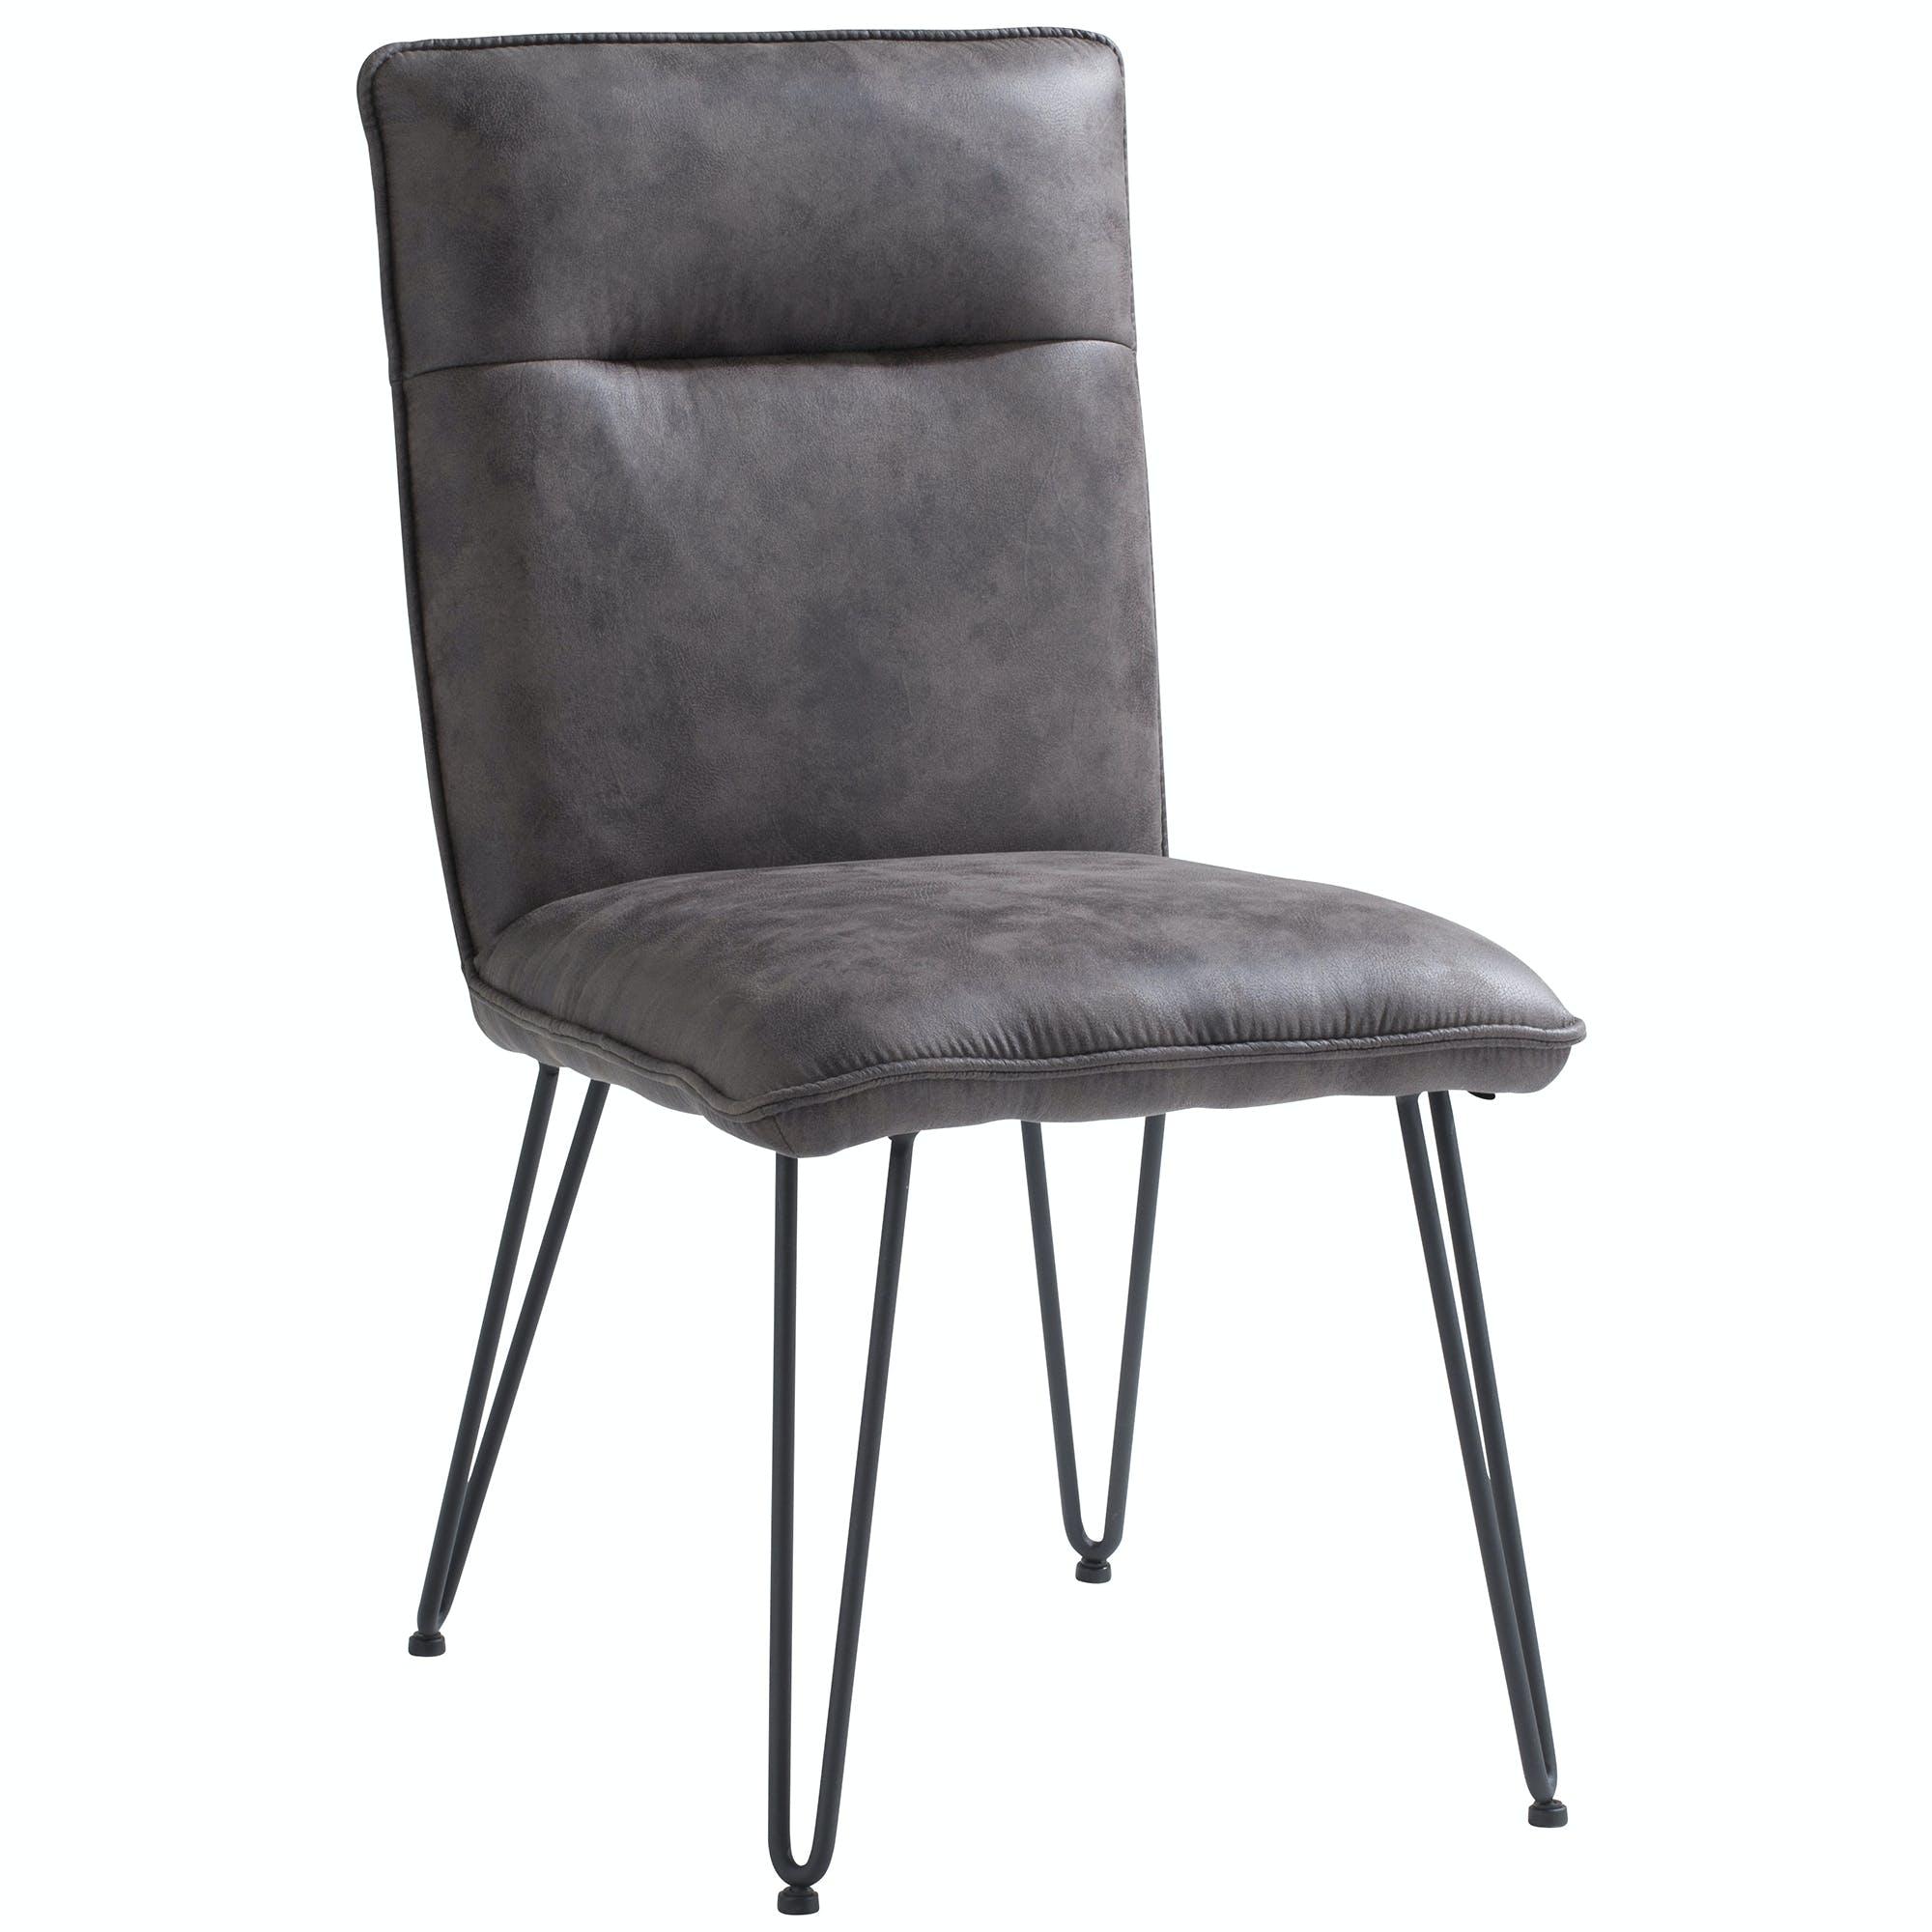 Chaise grise capitonnée salle à manger